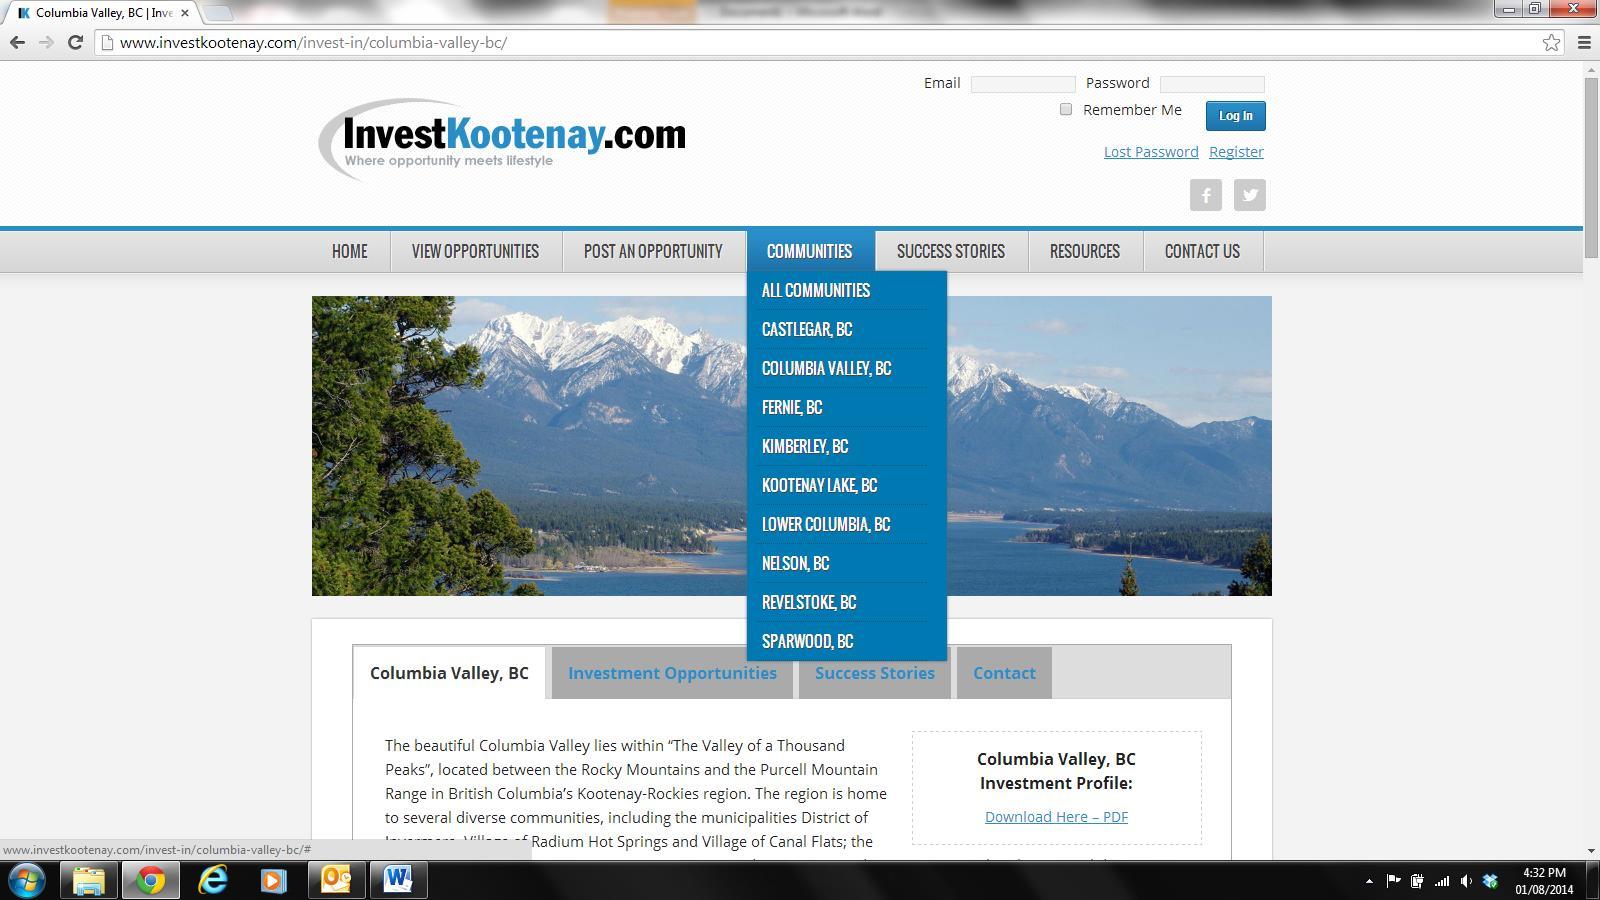 IK Webpage